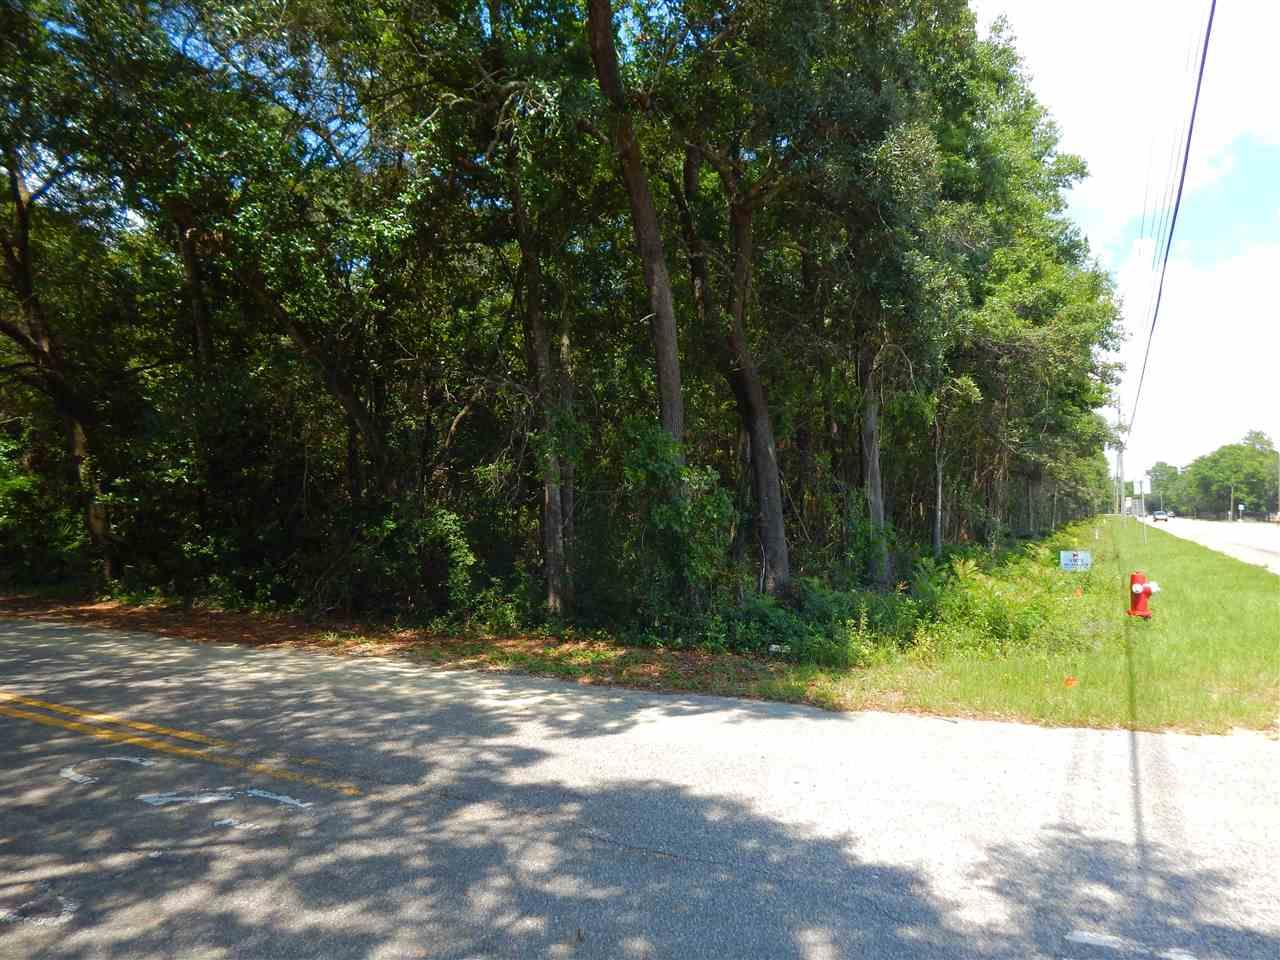 000 Lillian Hwy, Pensacola, FL 32506